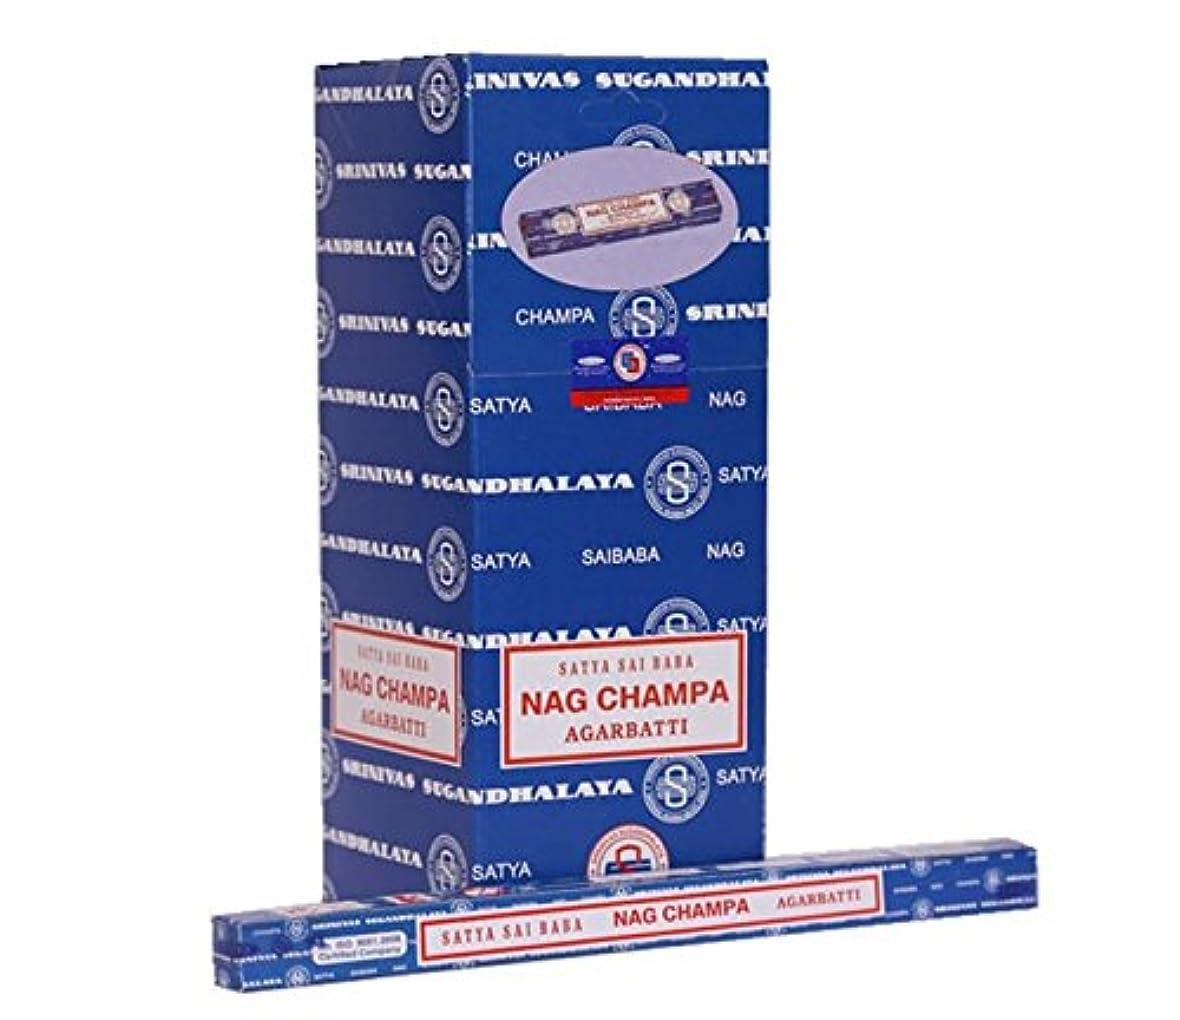 物質ぺディカブ不定SAI BABA Nag Champa Satyaお香250グラム| 25パックの10グラム各in aボックス|エクスポート品質